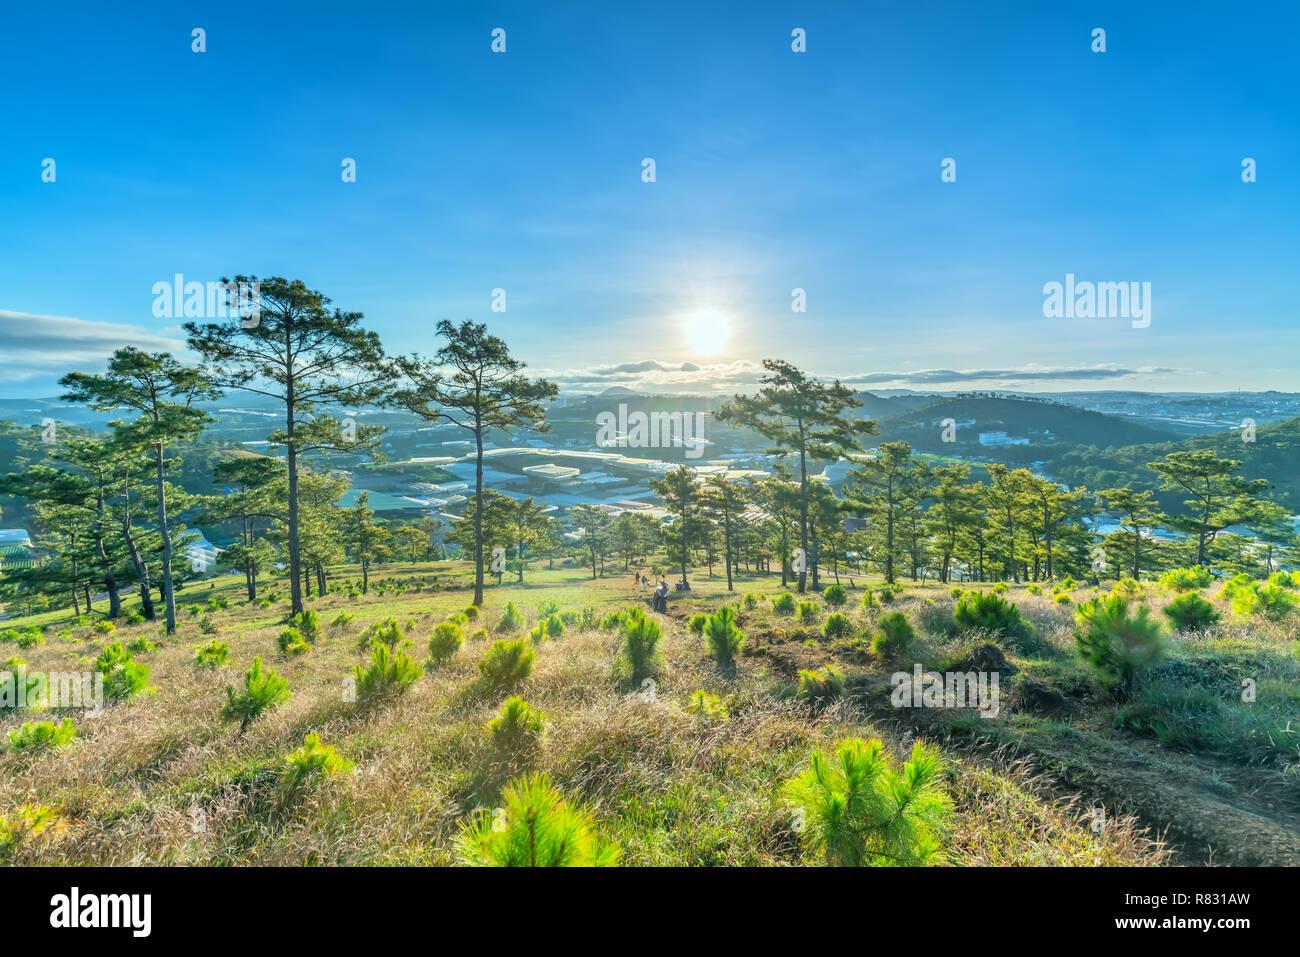 Amanecer en la meseta cuando el sol despertó al bosque de pinos por debajo de la colina para dar la bienvenida al nuevo día en paz. Foto de stock